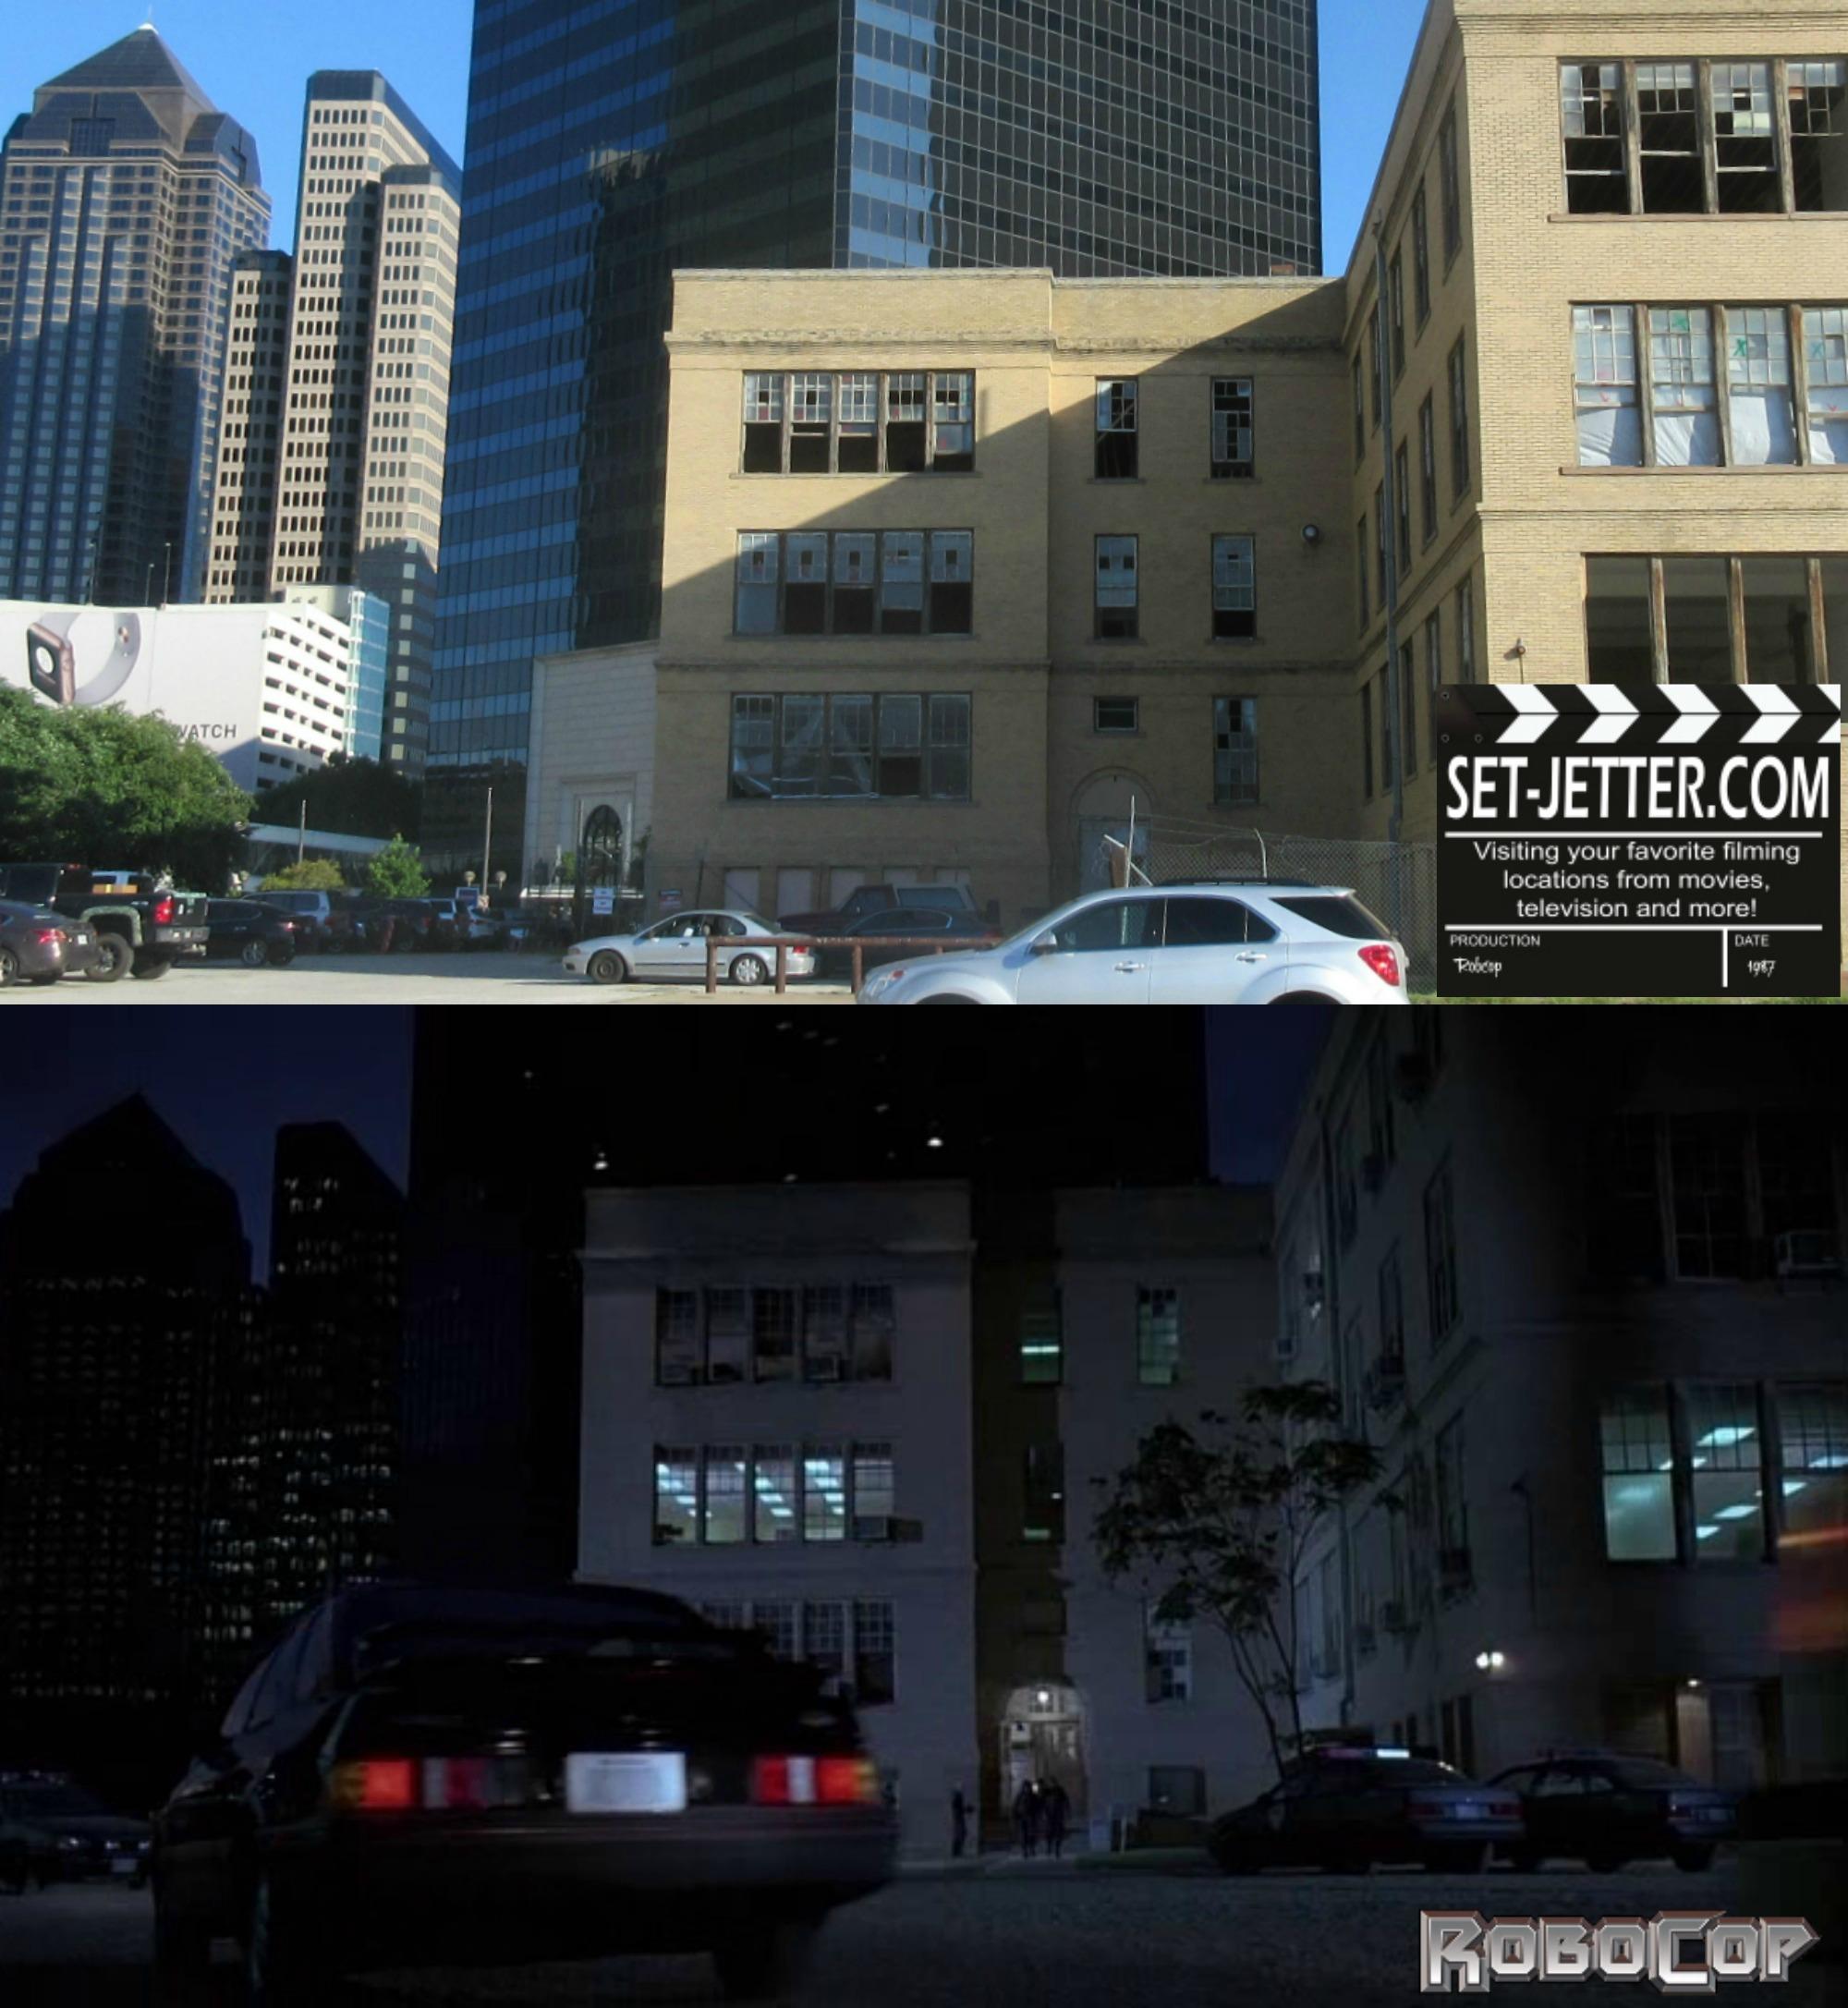 Robocop comparison 05.jpg